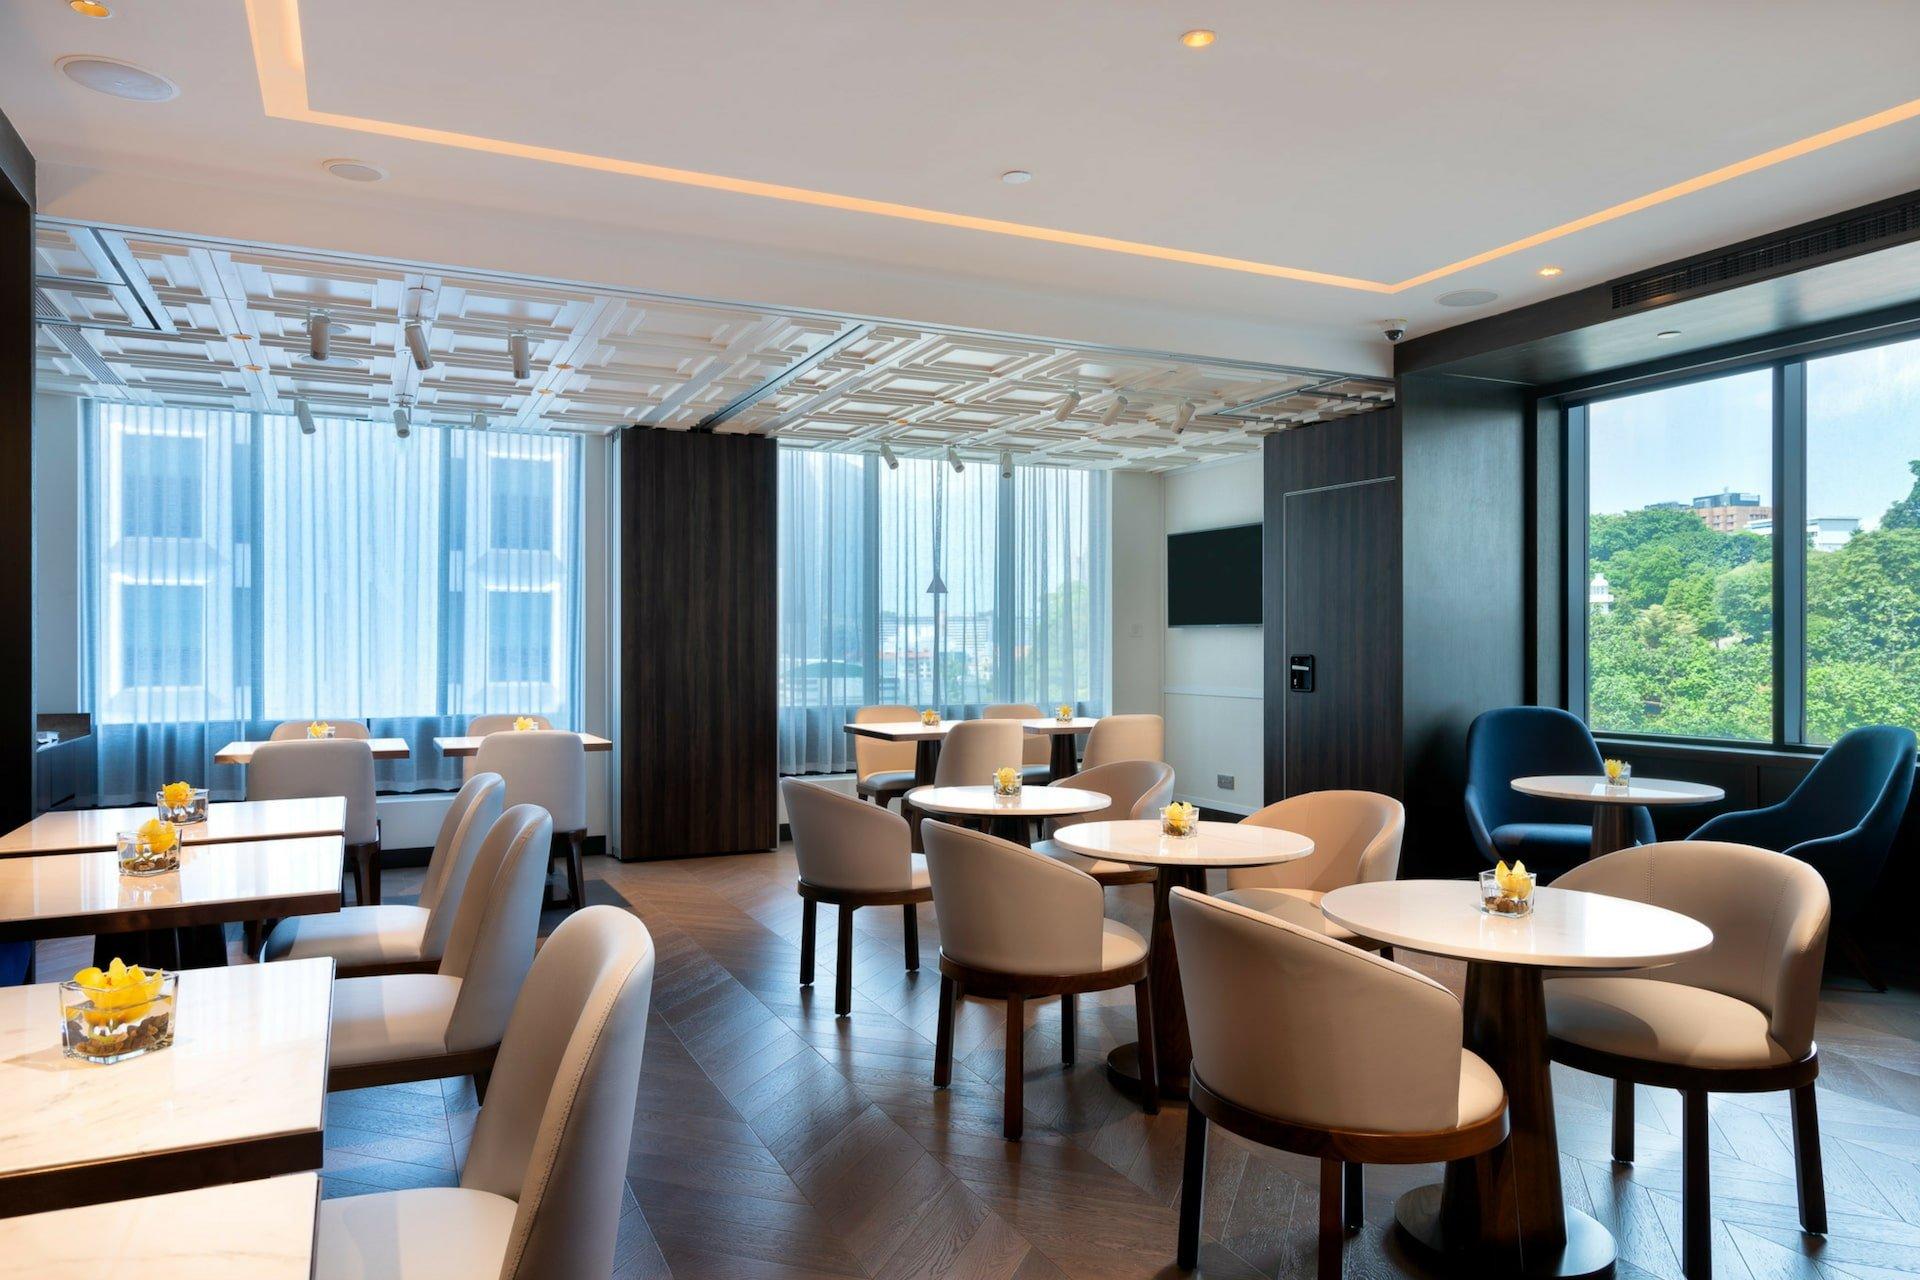 晶陶乐咖啡厅-新加坡精品酒店